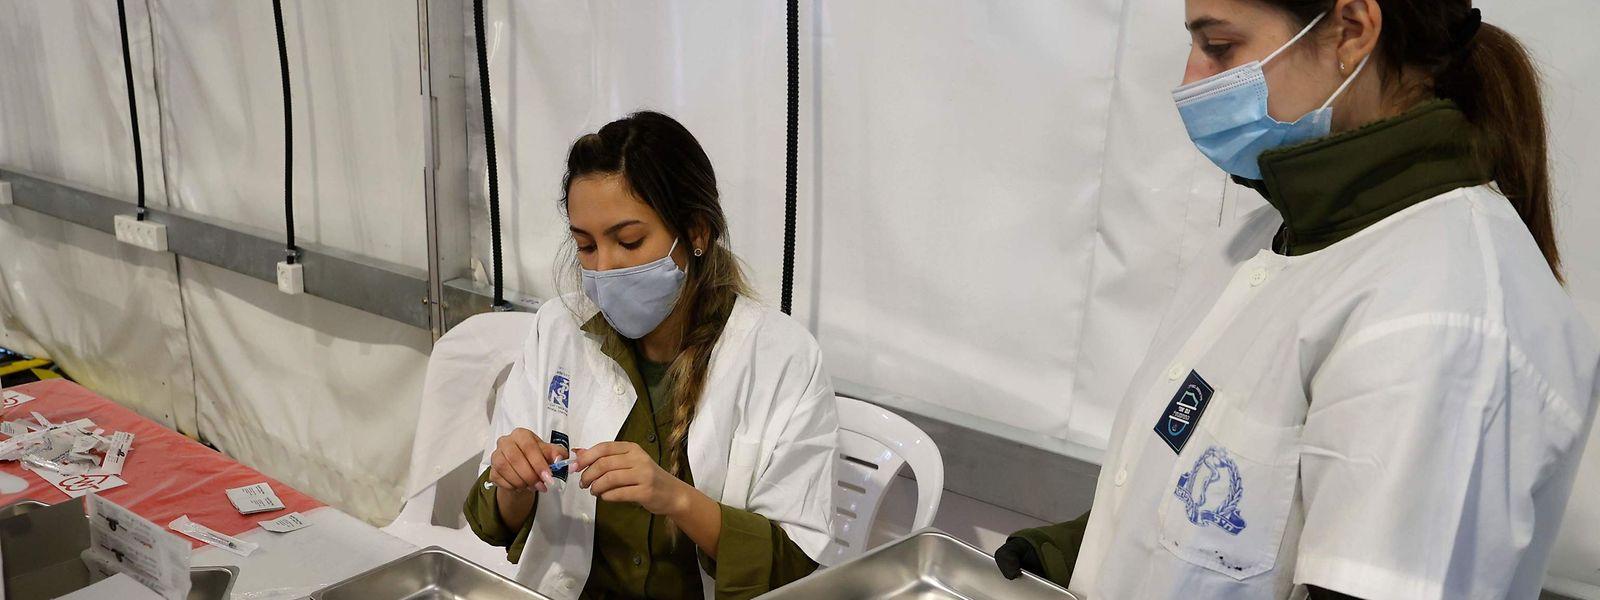 Israel führt die weltweite Impfstatistik derzeit an.